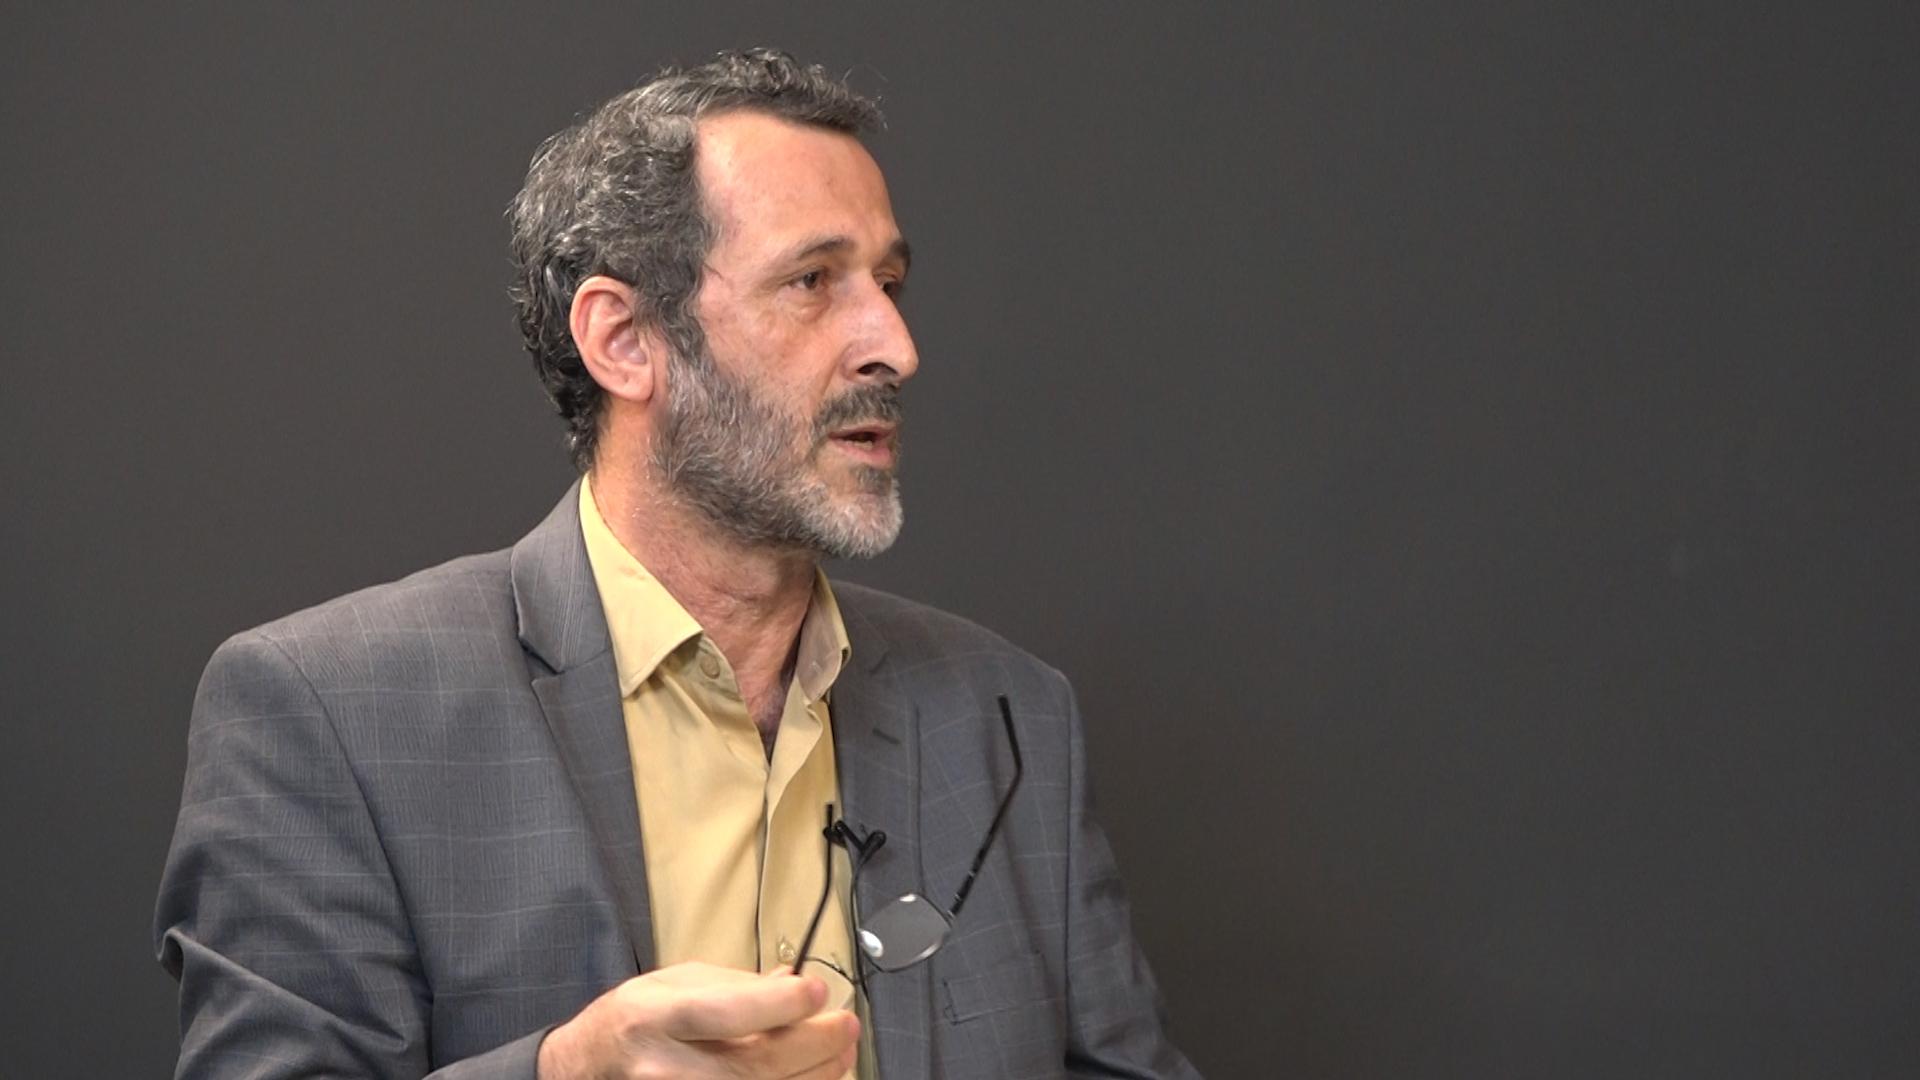 نقد و بررسی کتاب «توانمندسازی و کاهش فقر»